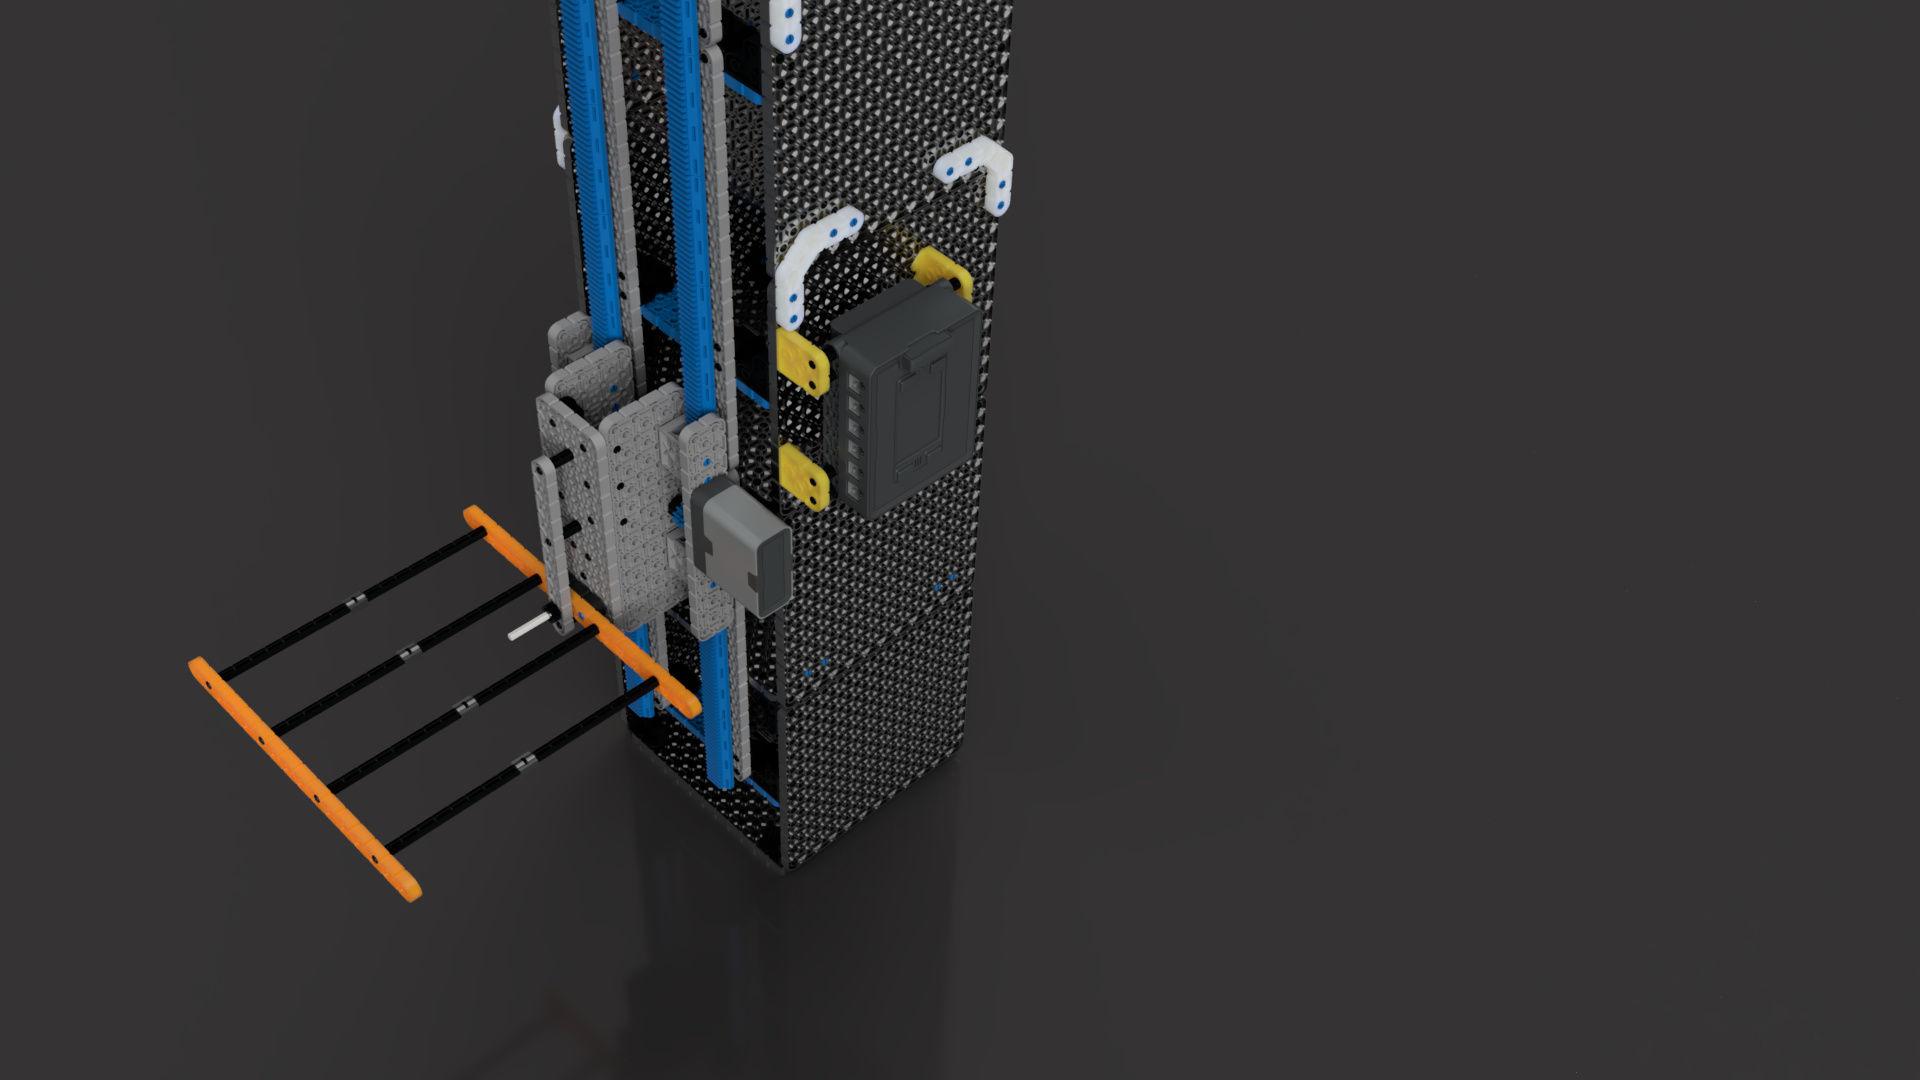 Elevador---desafio-de-robotica-2019-2019-nov-28-03-48-59pm-000-customizedview10274830839-jpg-3500-3500